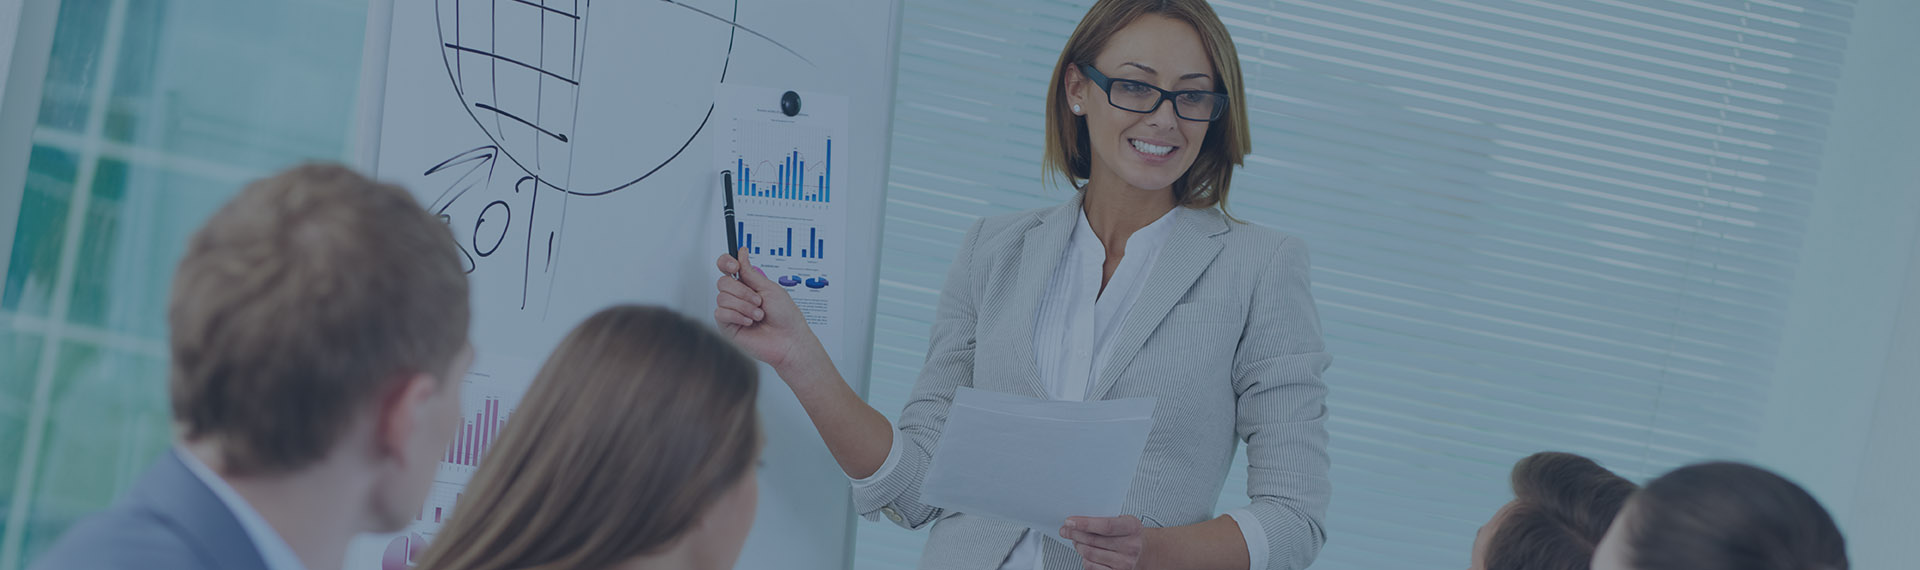 Firmă de contabilitate și consultanță financiară din Timișoara